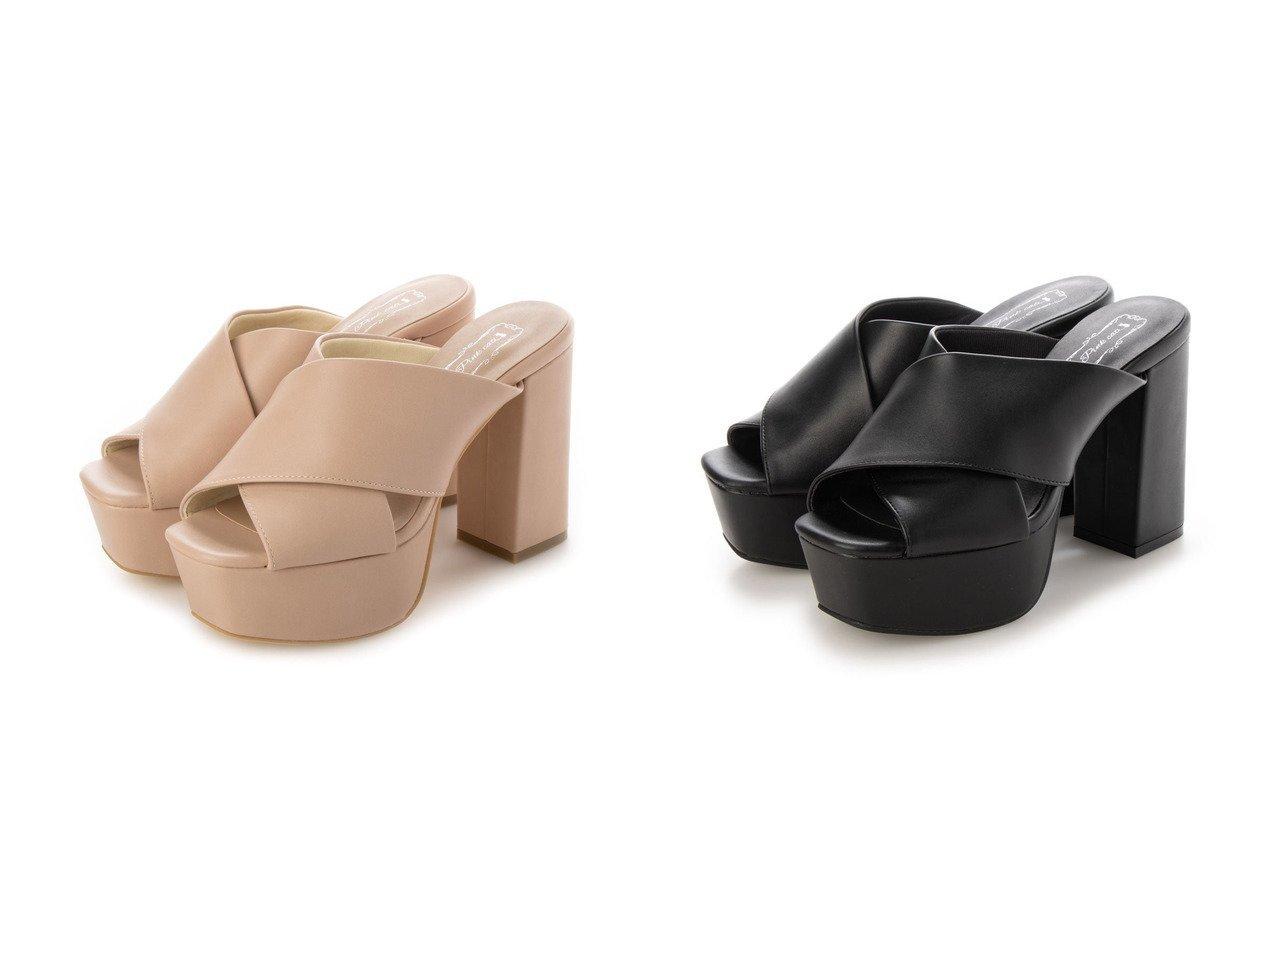 【Metal Rouge/メタルルージュ】のスクエア 厚底ビックヒール クロスベルトミュール 【シューズ・靴】おすすめ!人気、トレンド・レディースファッションの通販 おすすめで人気の流行・トレンド、ファッションの通販商品 インテリア・家具・メンズファッション・キッズファッション・レディースファッション・服の通販 founy(ファニー) https://founy.com/ ファッション Fashion レディースファッション WOMEN ベルト Belts 2021年 2021 2021春夏・S/S SS/Spring/Summer/2021 S/S・春夏 SS・Spring/Summer クラシカル スクエア ミュール 厚底 春 Spring  ID:crp329100000045181